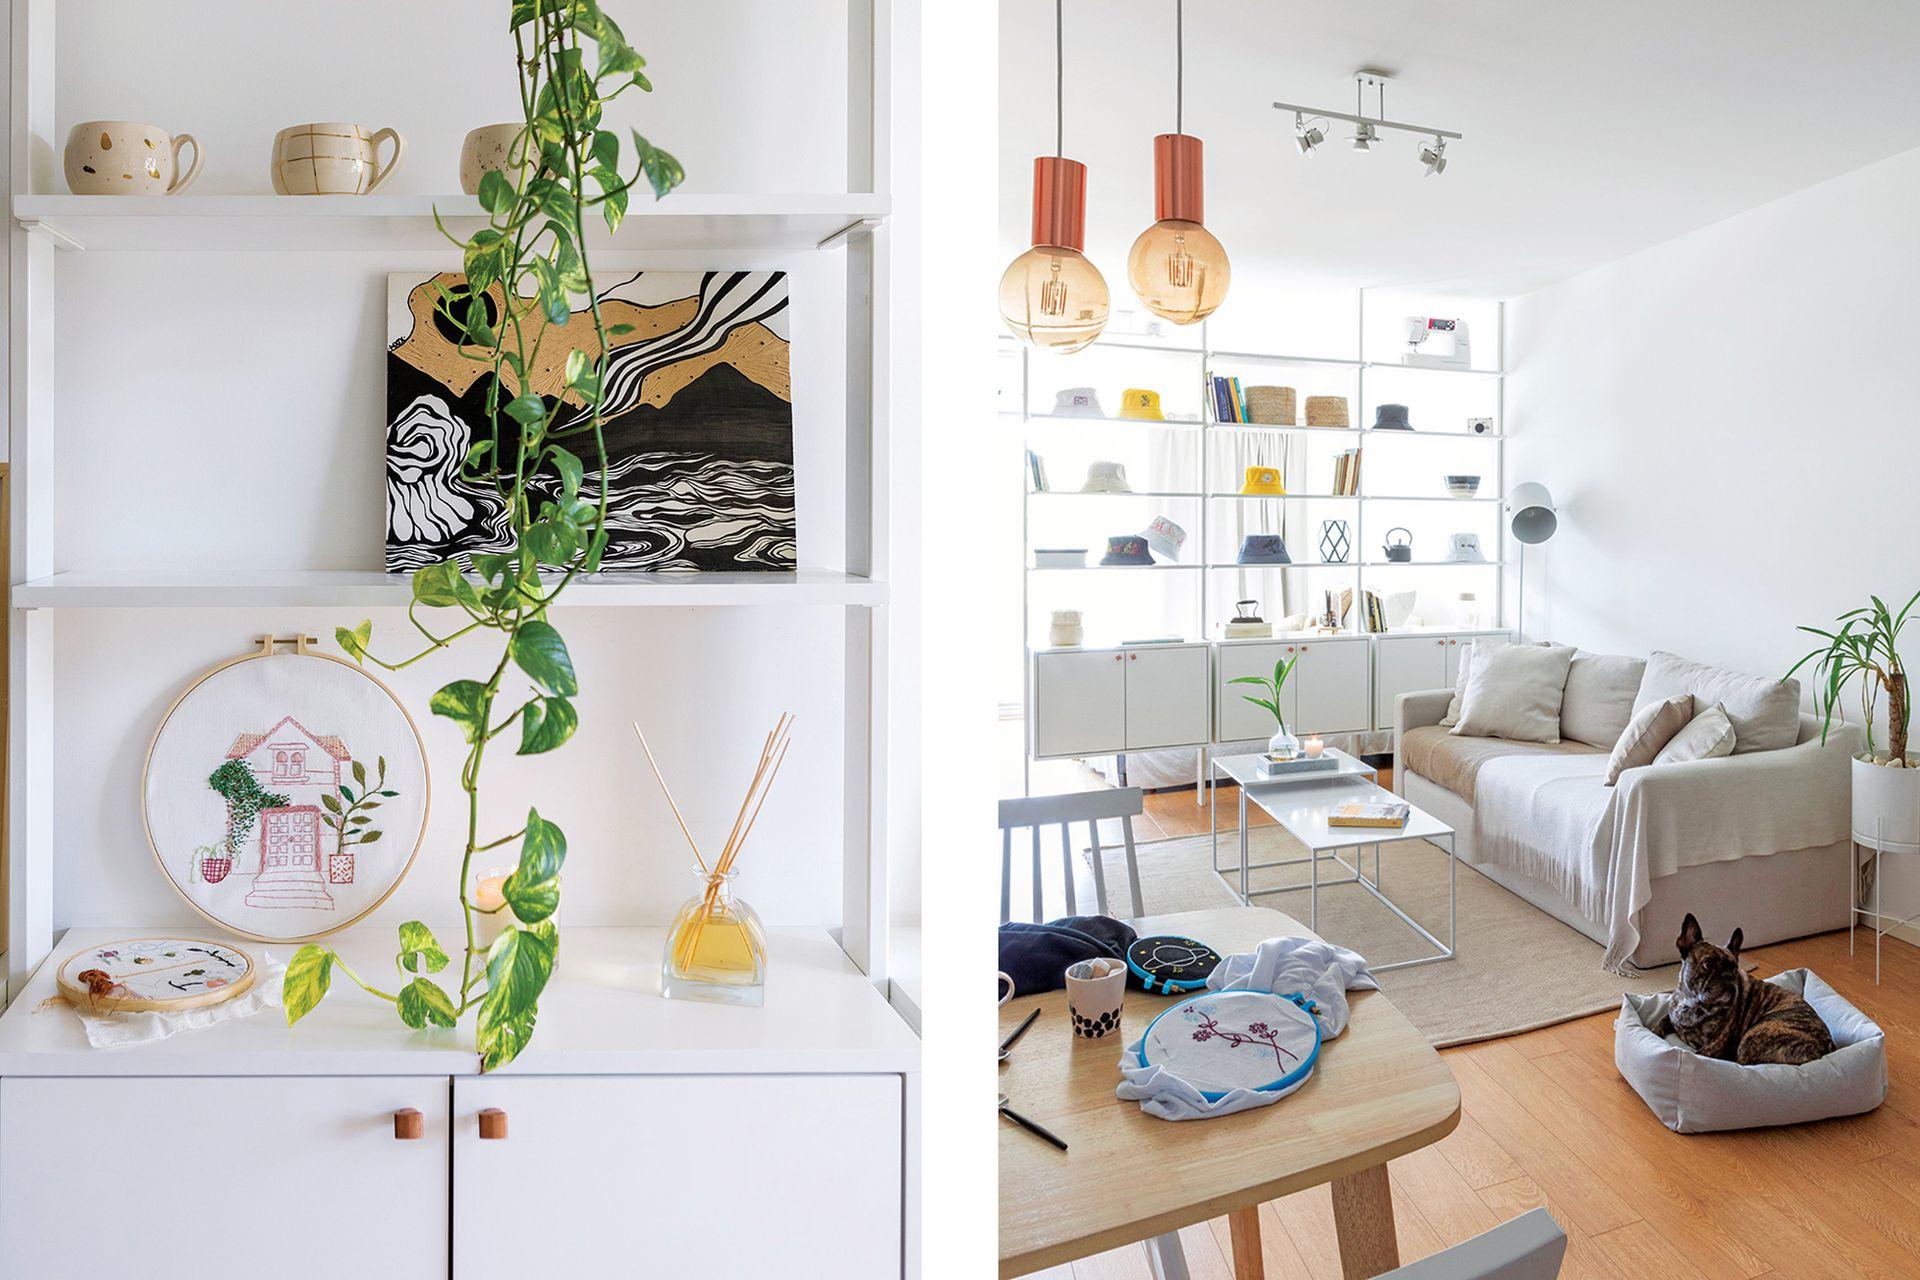 Lámpara de techo (Studio Luce). El potus forma una cortina verde y natural.